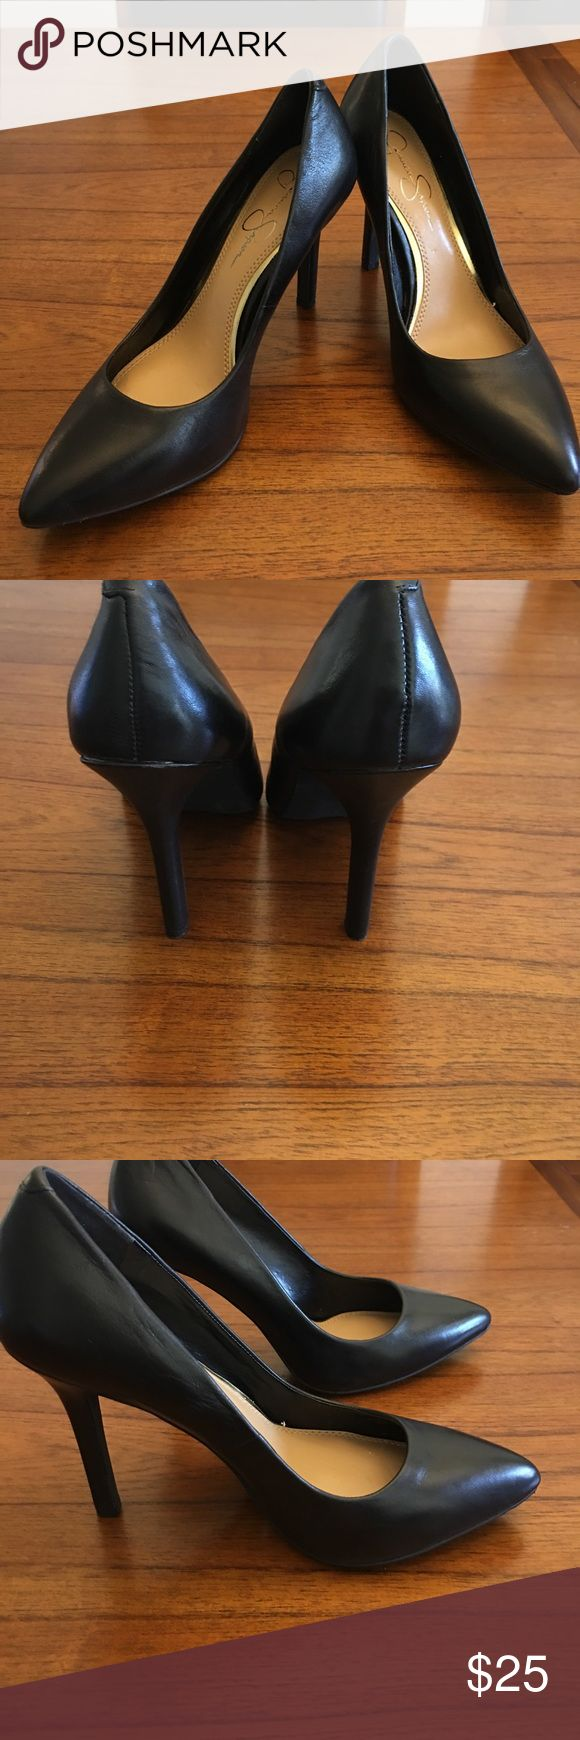 """Jessica Simpson Heels Size 7 Black Heels 4"""" heel height Jessica Simpson Shoes Heels"""